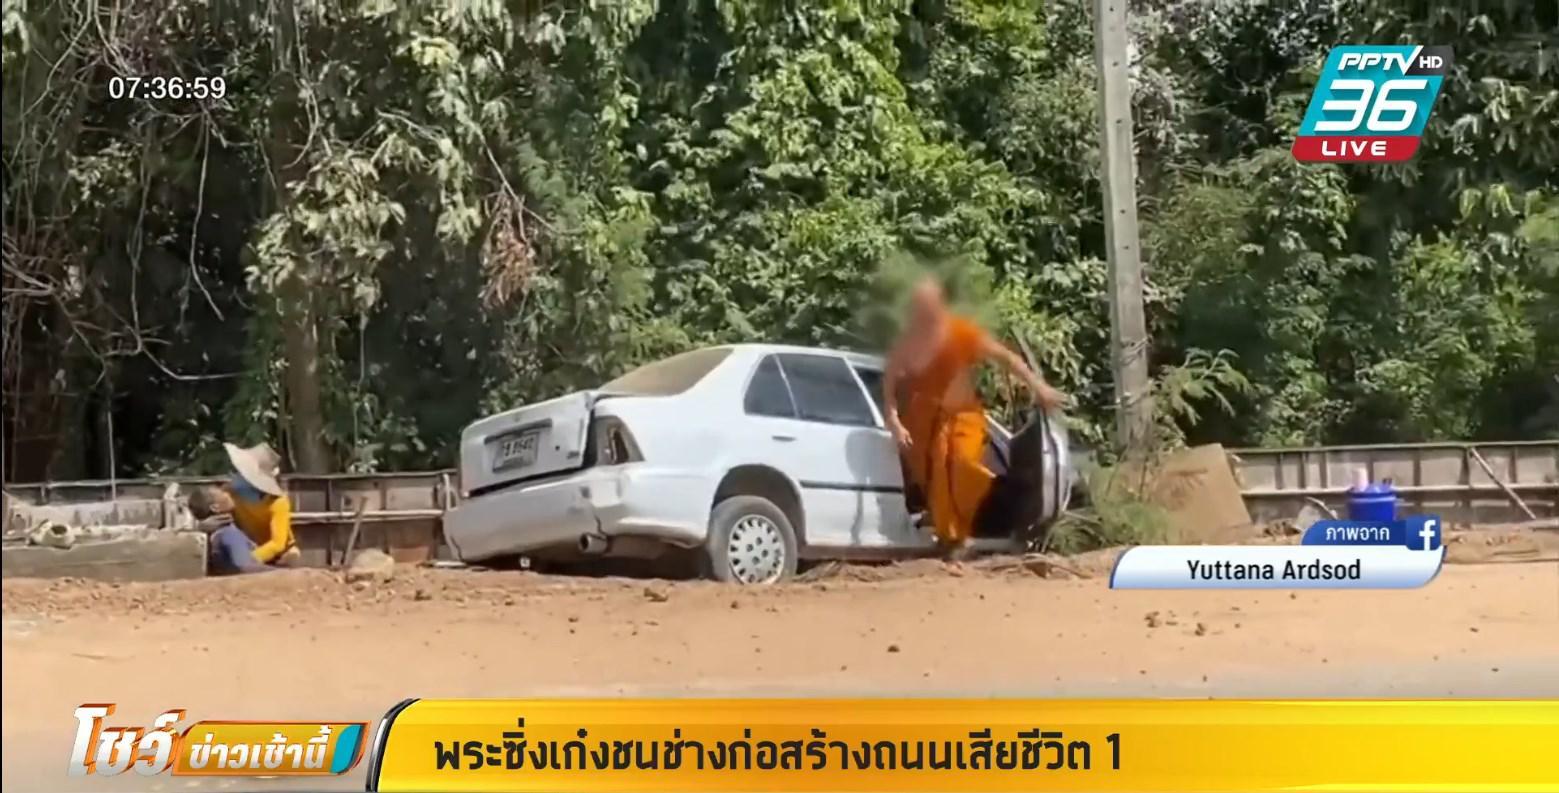 ชุลมุน !! พระซิ่งเก๋งชนแล้วหนี บาดเจ็บ 2 ตาย 1 พลเมืองดีช่วยไล่ตามจับ